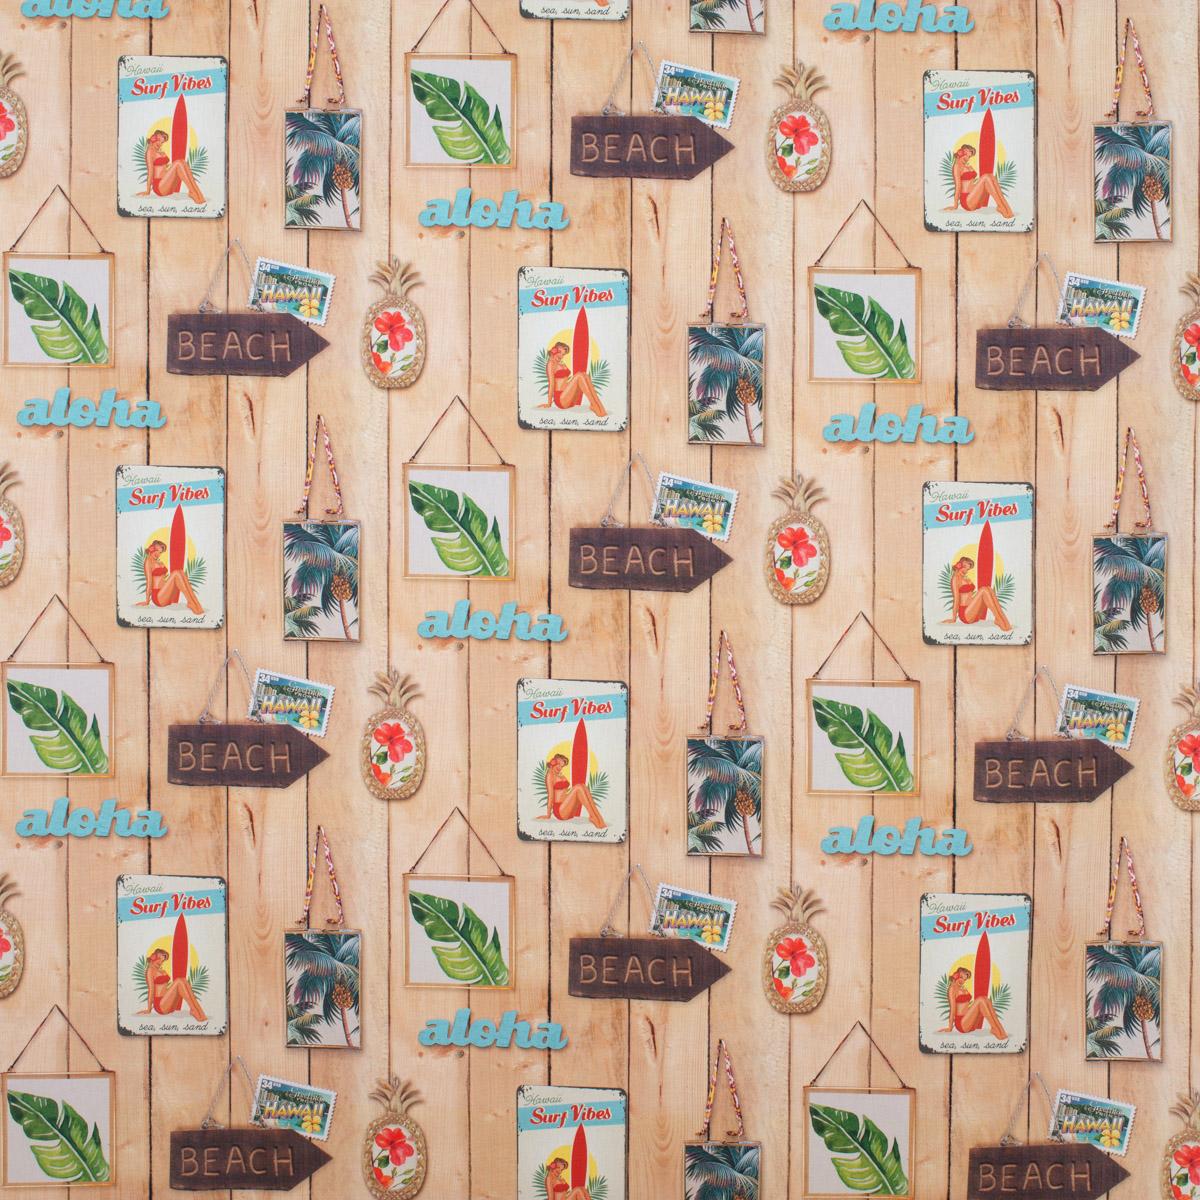 Dekostoff Baumwollstoff Aloha Holzlatten Schilder Beach braun bunt 1,4m Breite